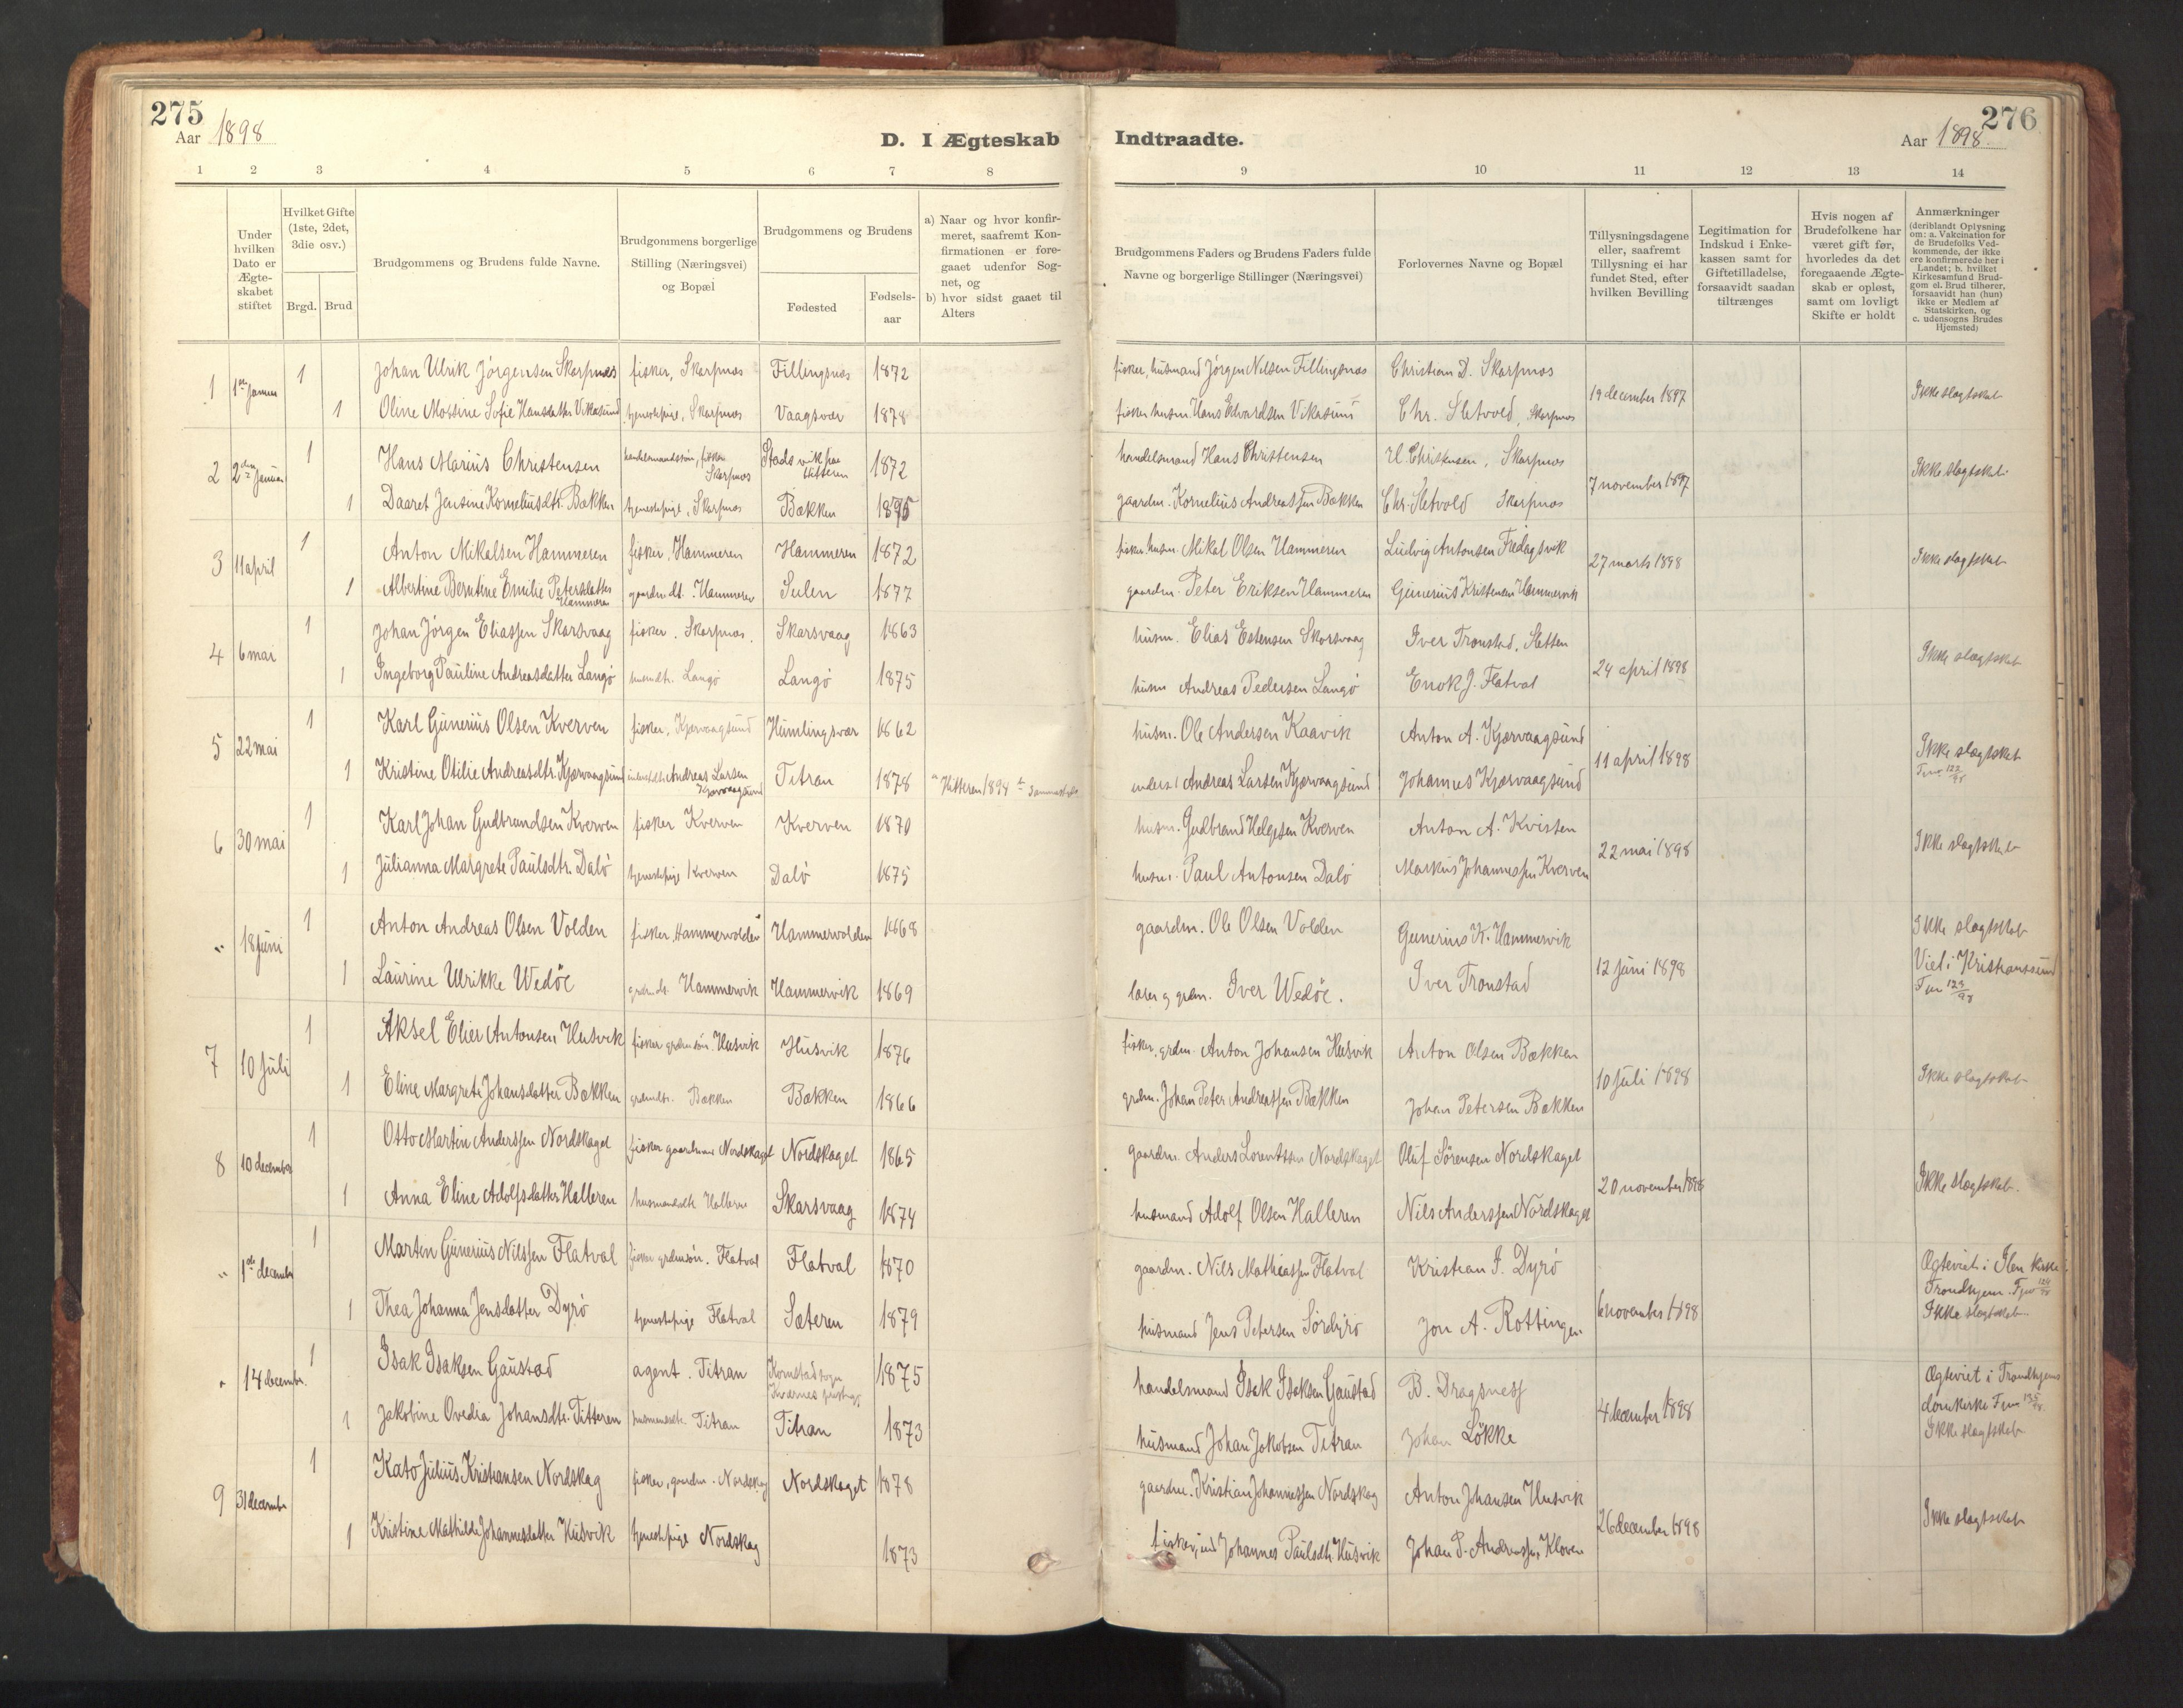 SAT, Ministerialprotokoller, klokkerbøker og fødselsregistre - Sør-Trøndelag, 641/L0596: Ministerialbok nr. 641A02, 1898-1915, s. 275-276